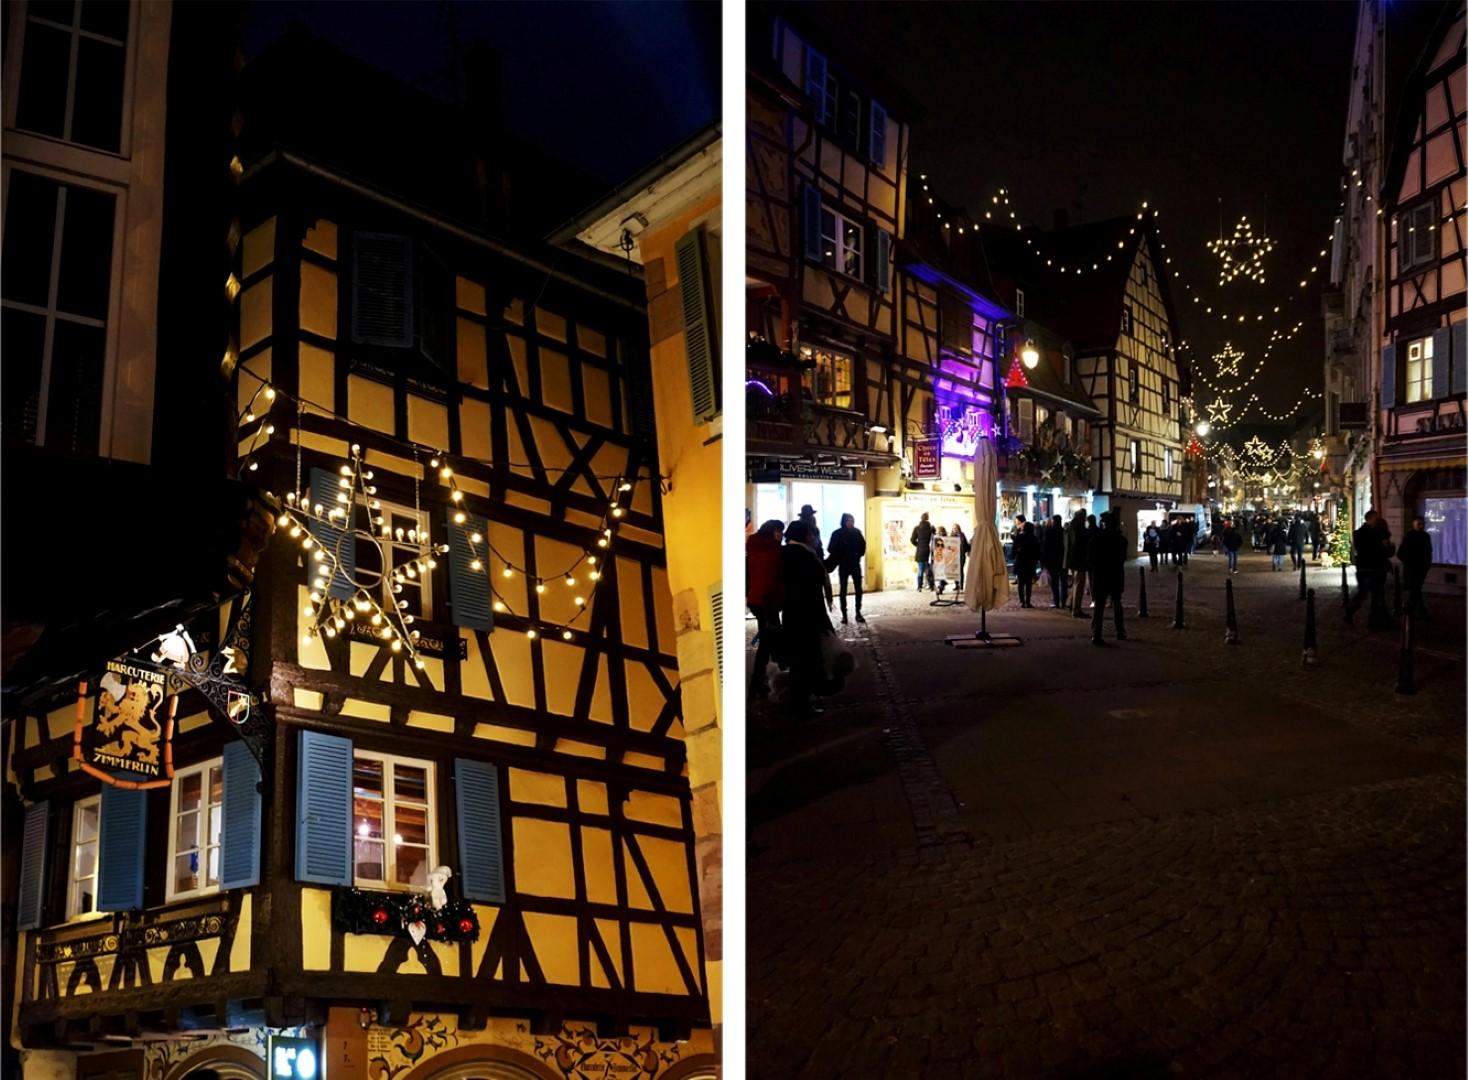 Marché de Noël de Colmar, Alsace